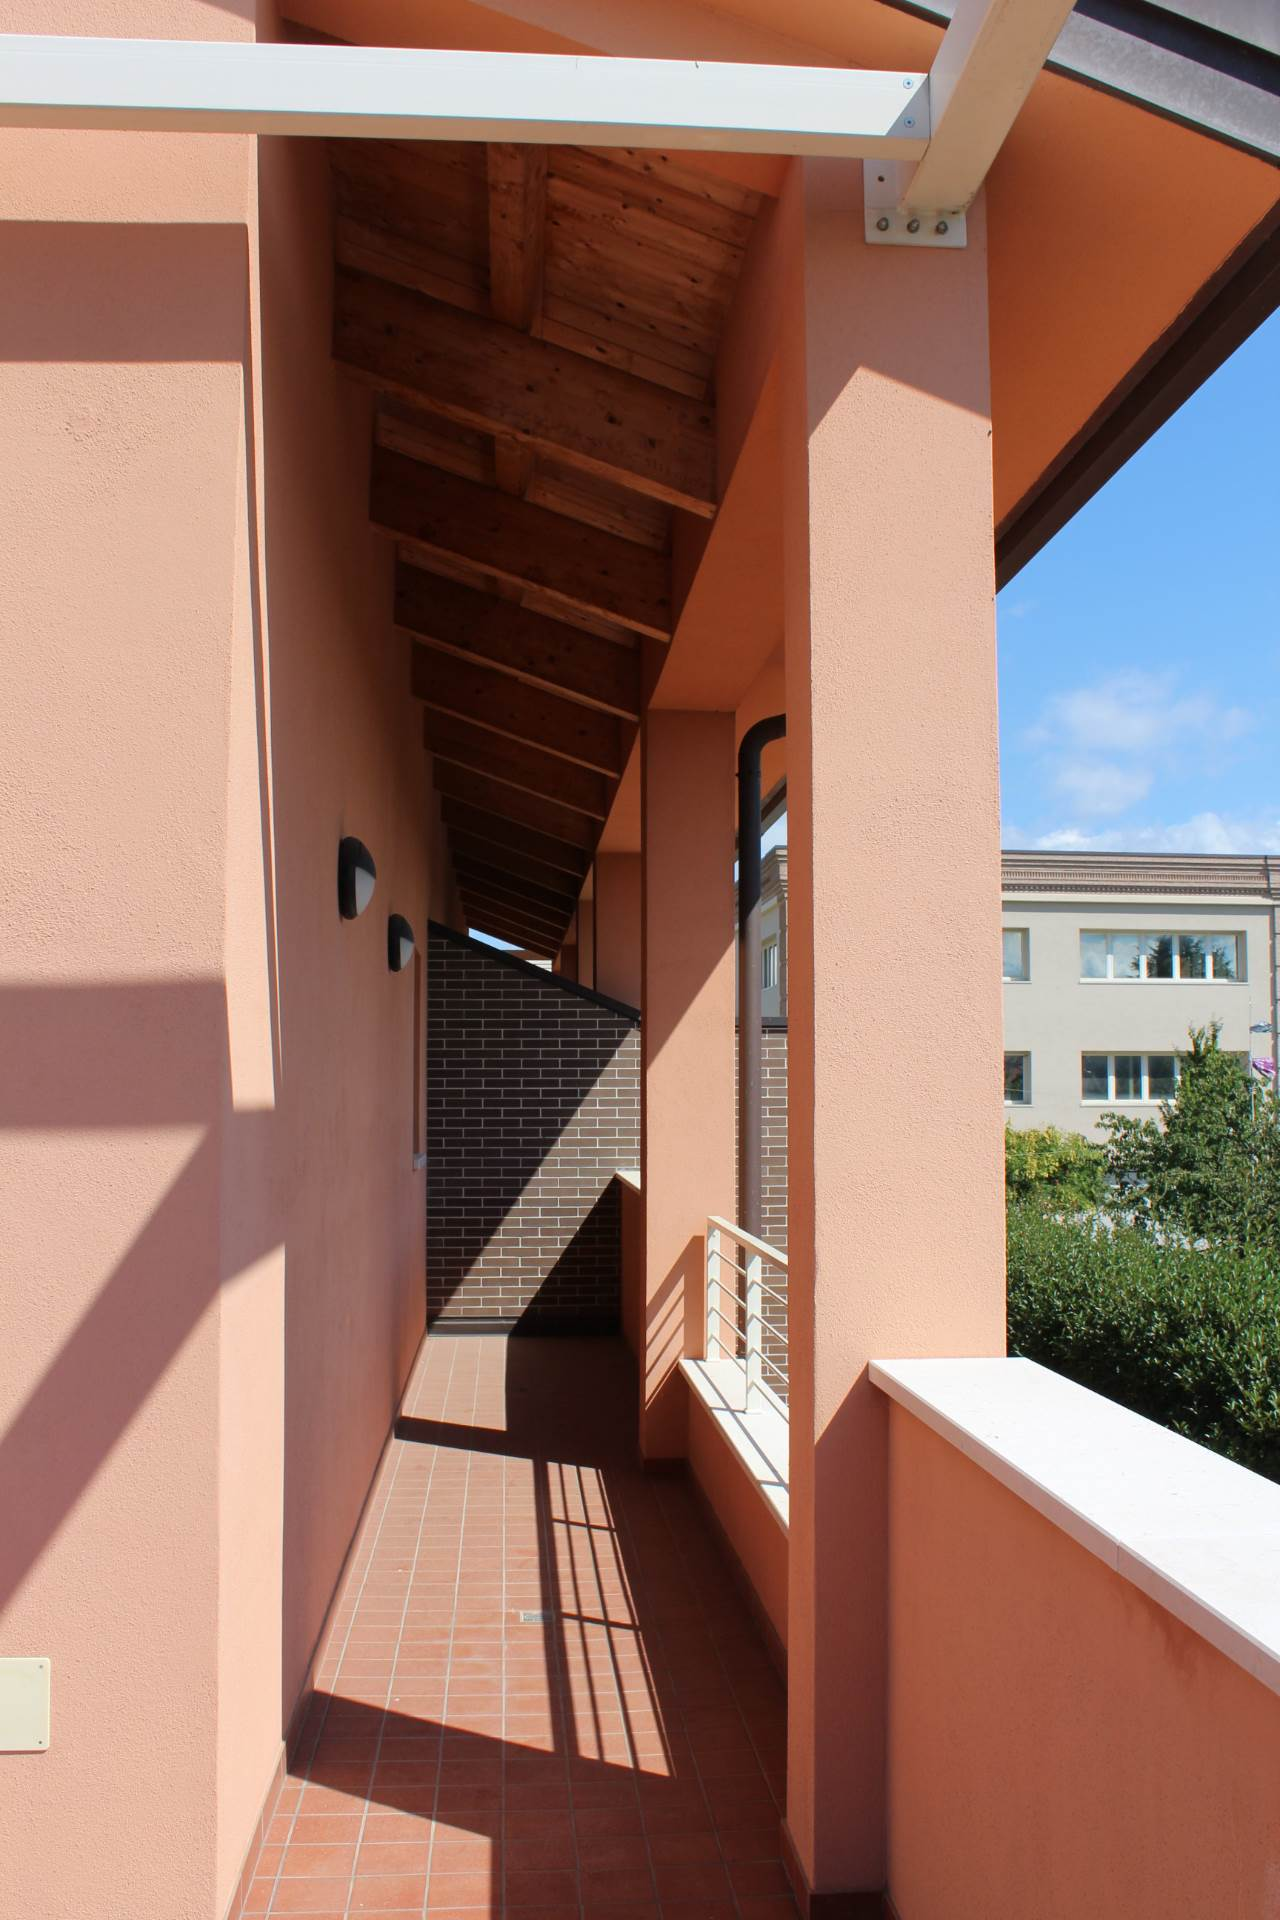 Appartamento in vendita a Cesena, 3 locali, zona Zona: Martorano, prezzo € 159.000 | CambioCasa.it